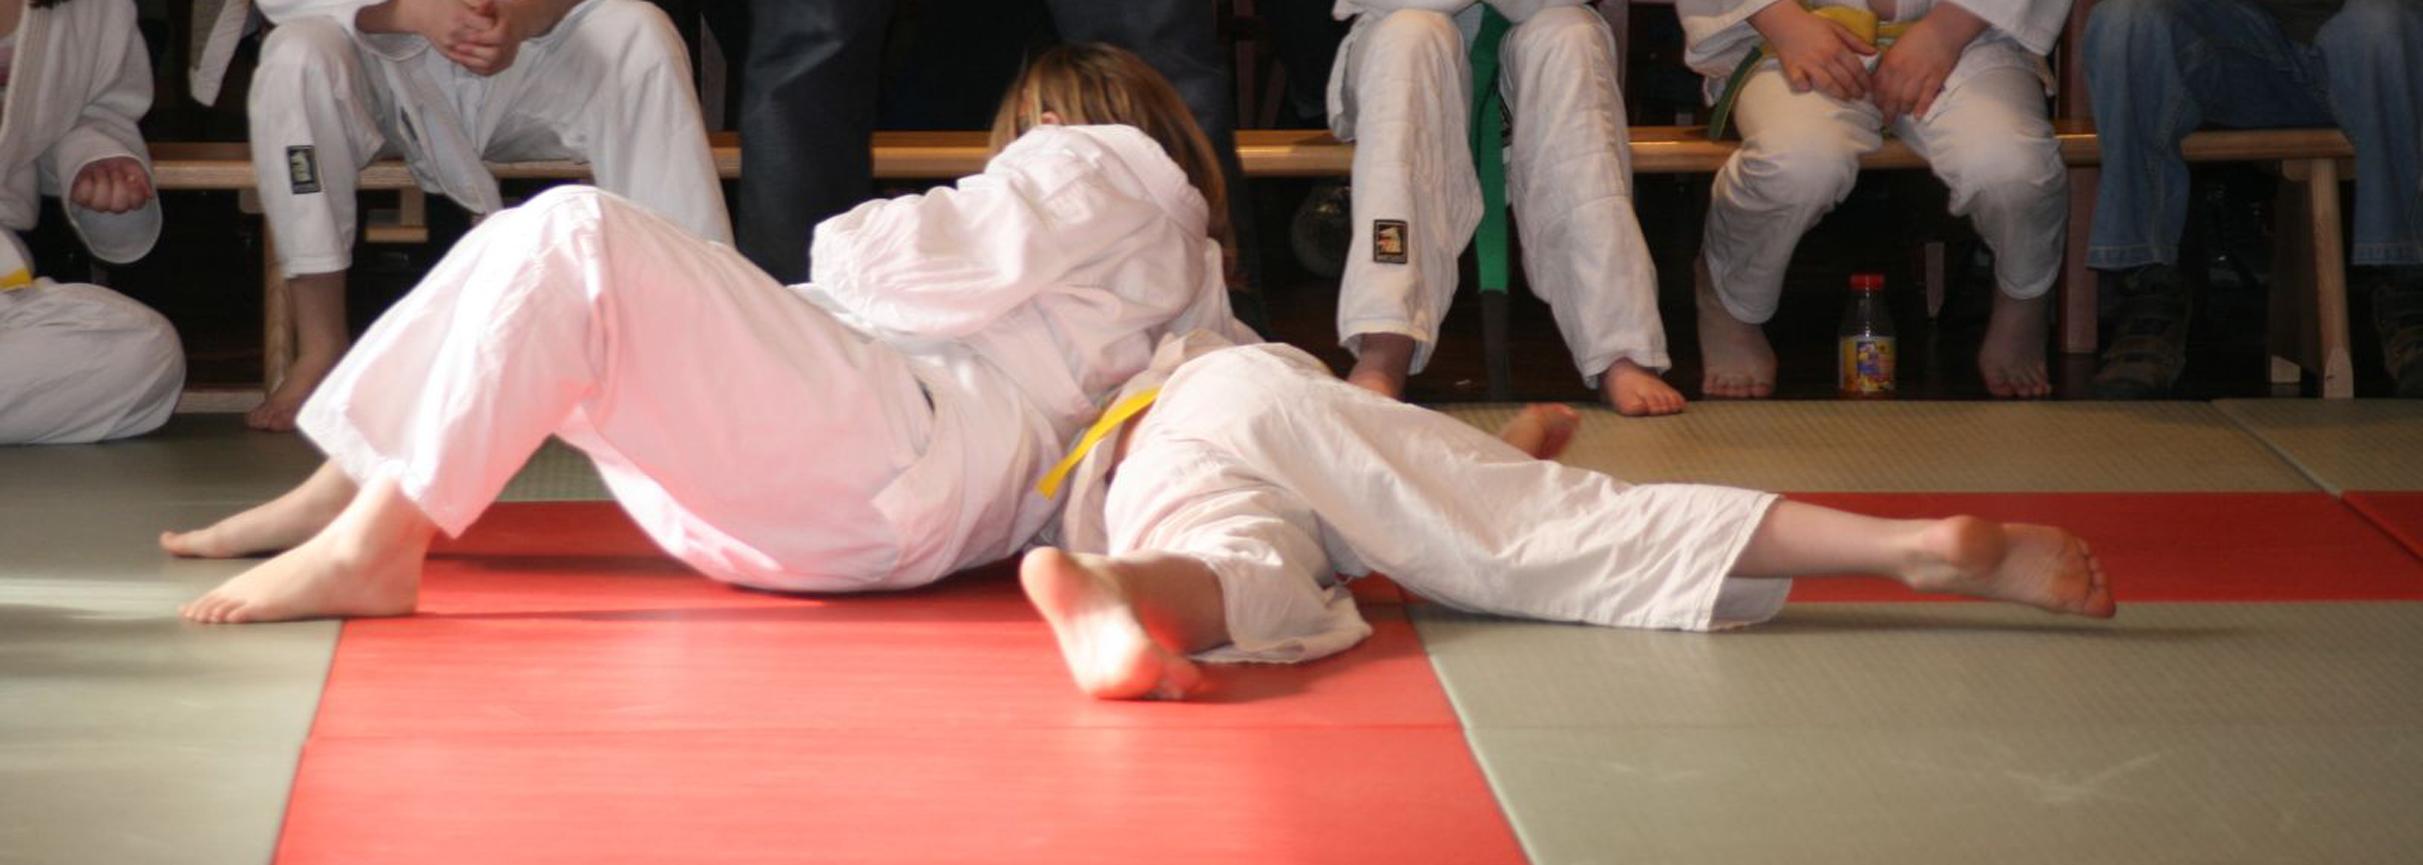 Wil je weten of Judo iets voor jou is?